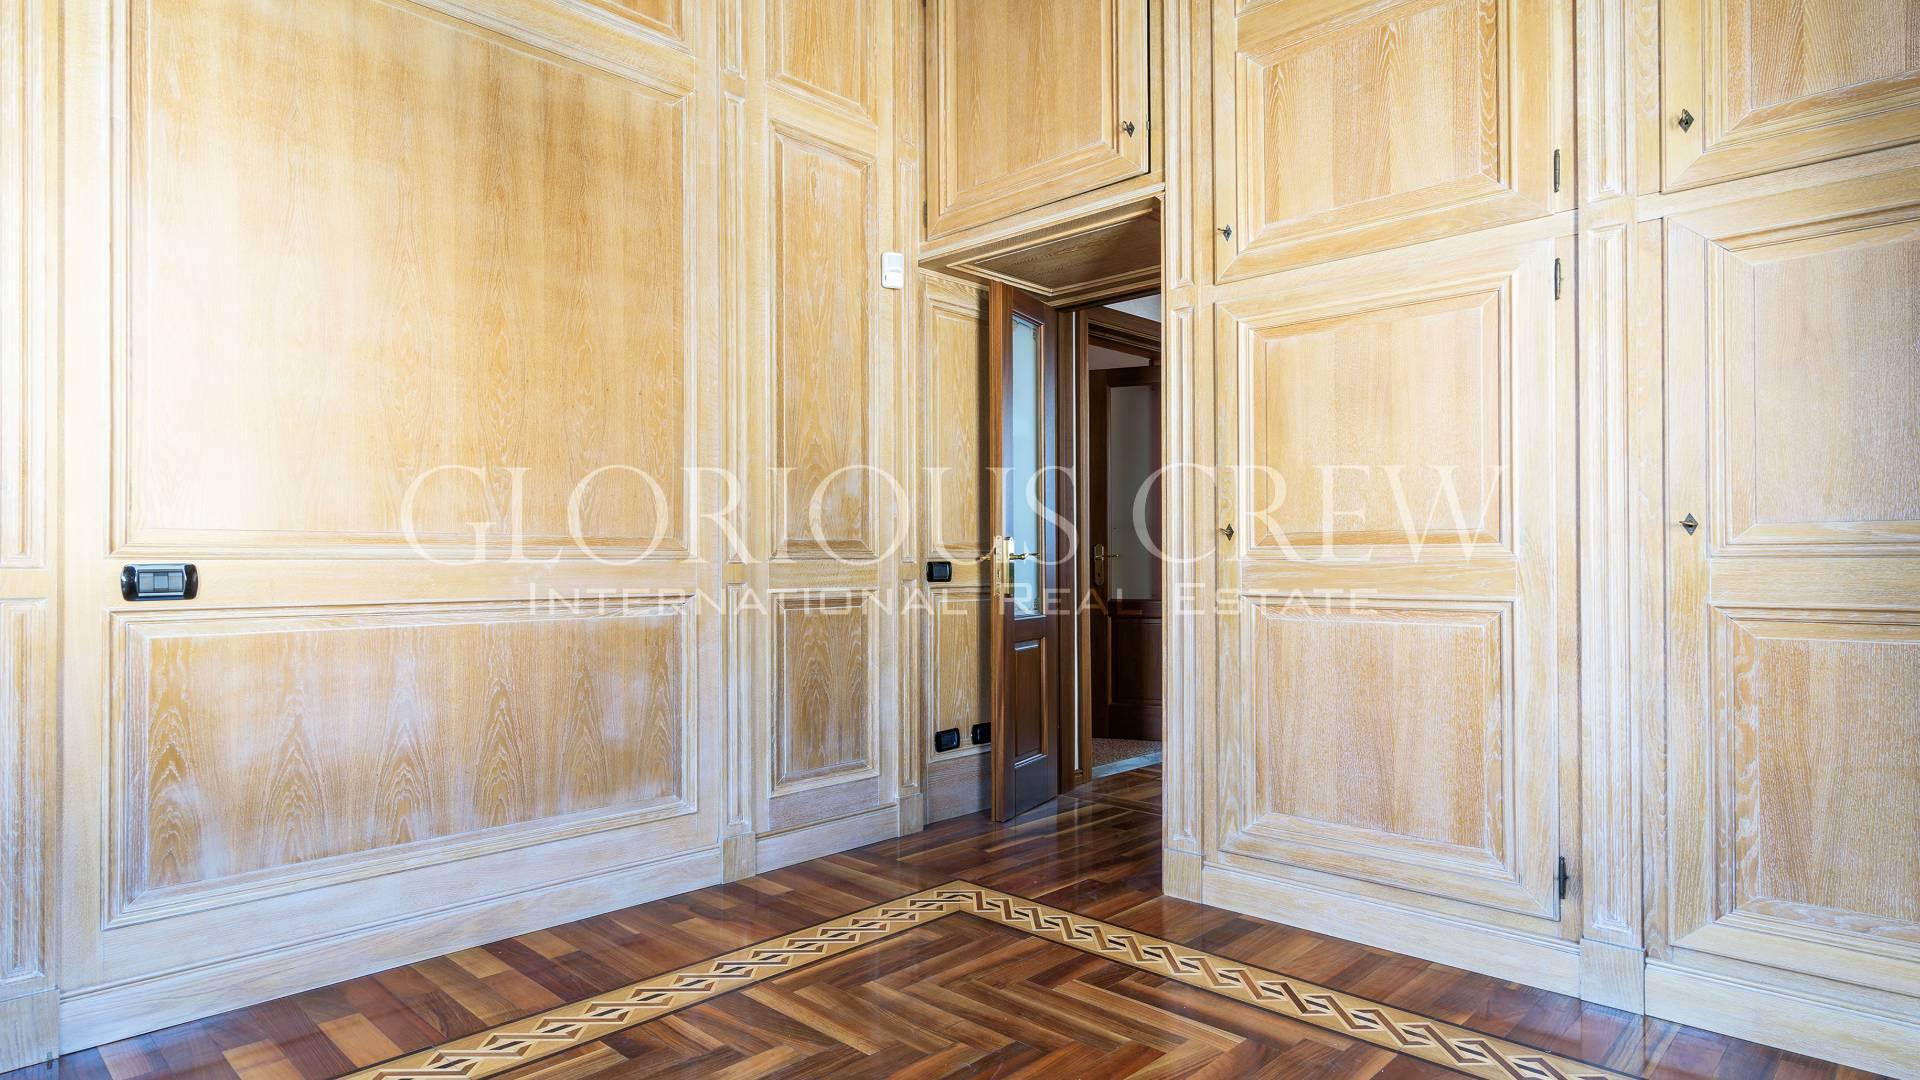 Villa in Vendita a Monza: 5 locali, 350 mq - Foto 14